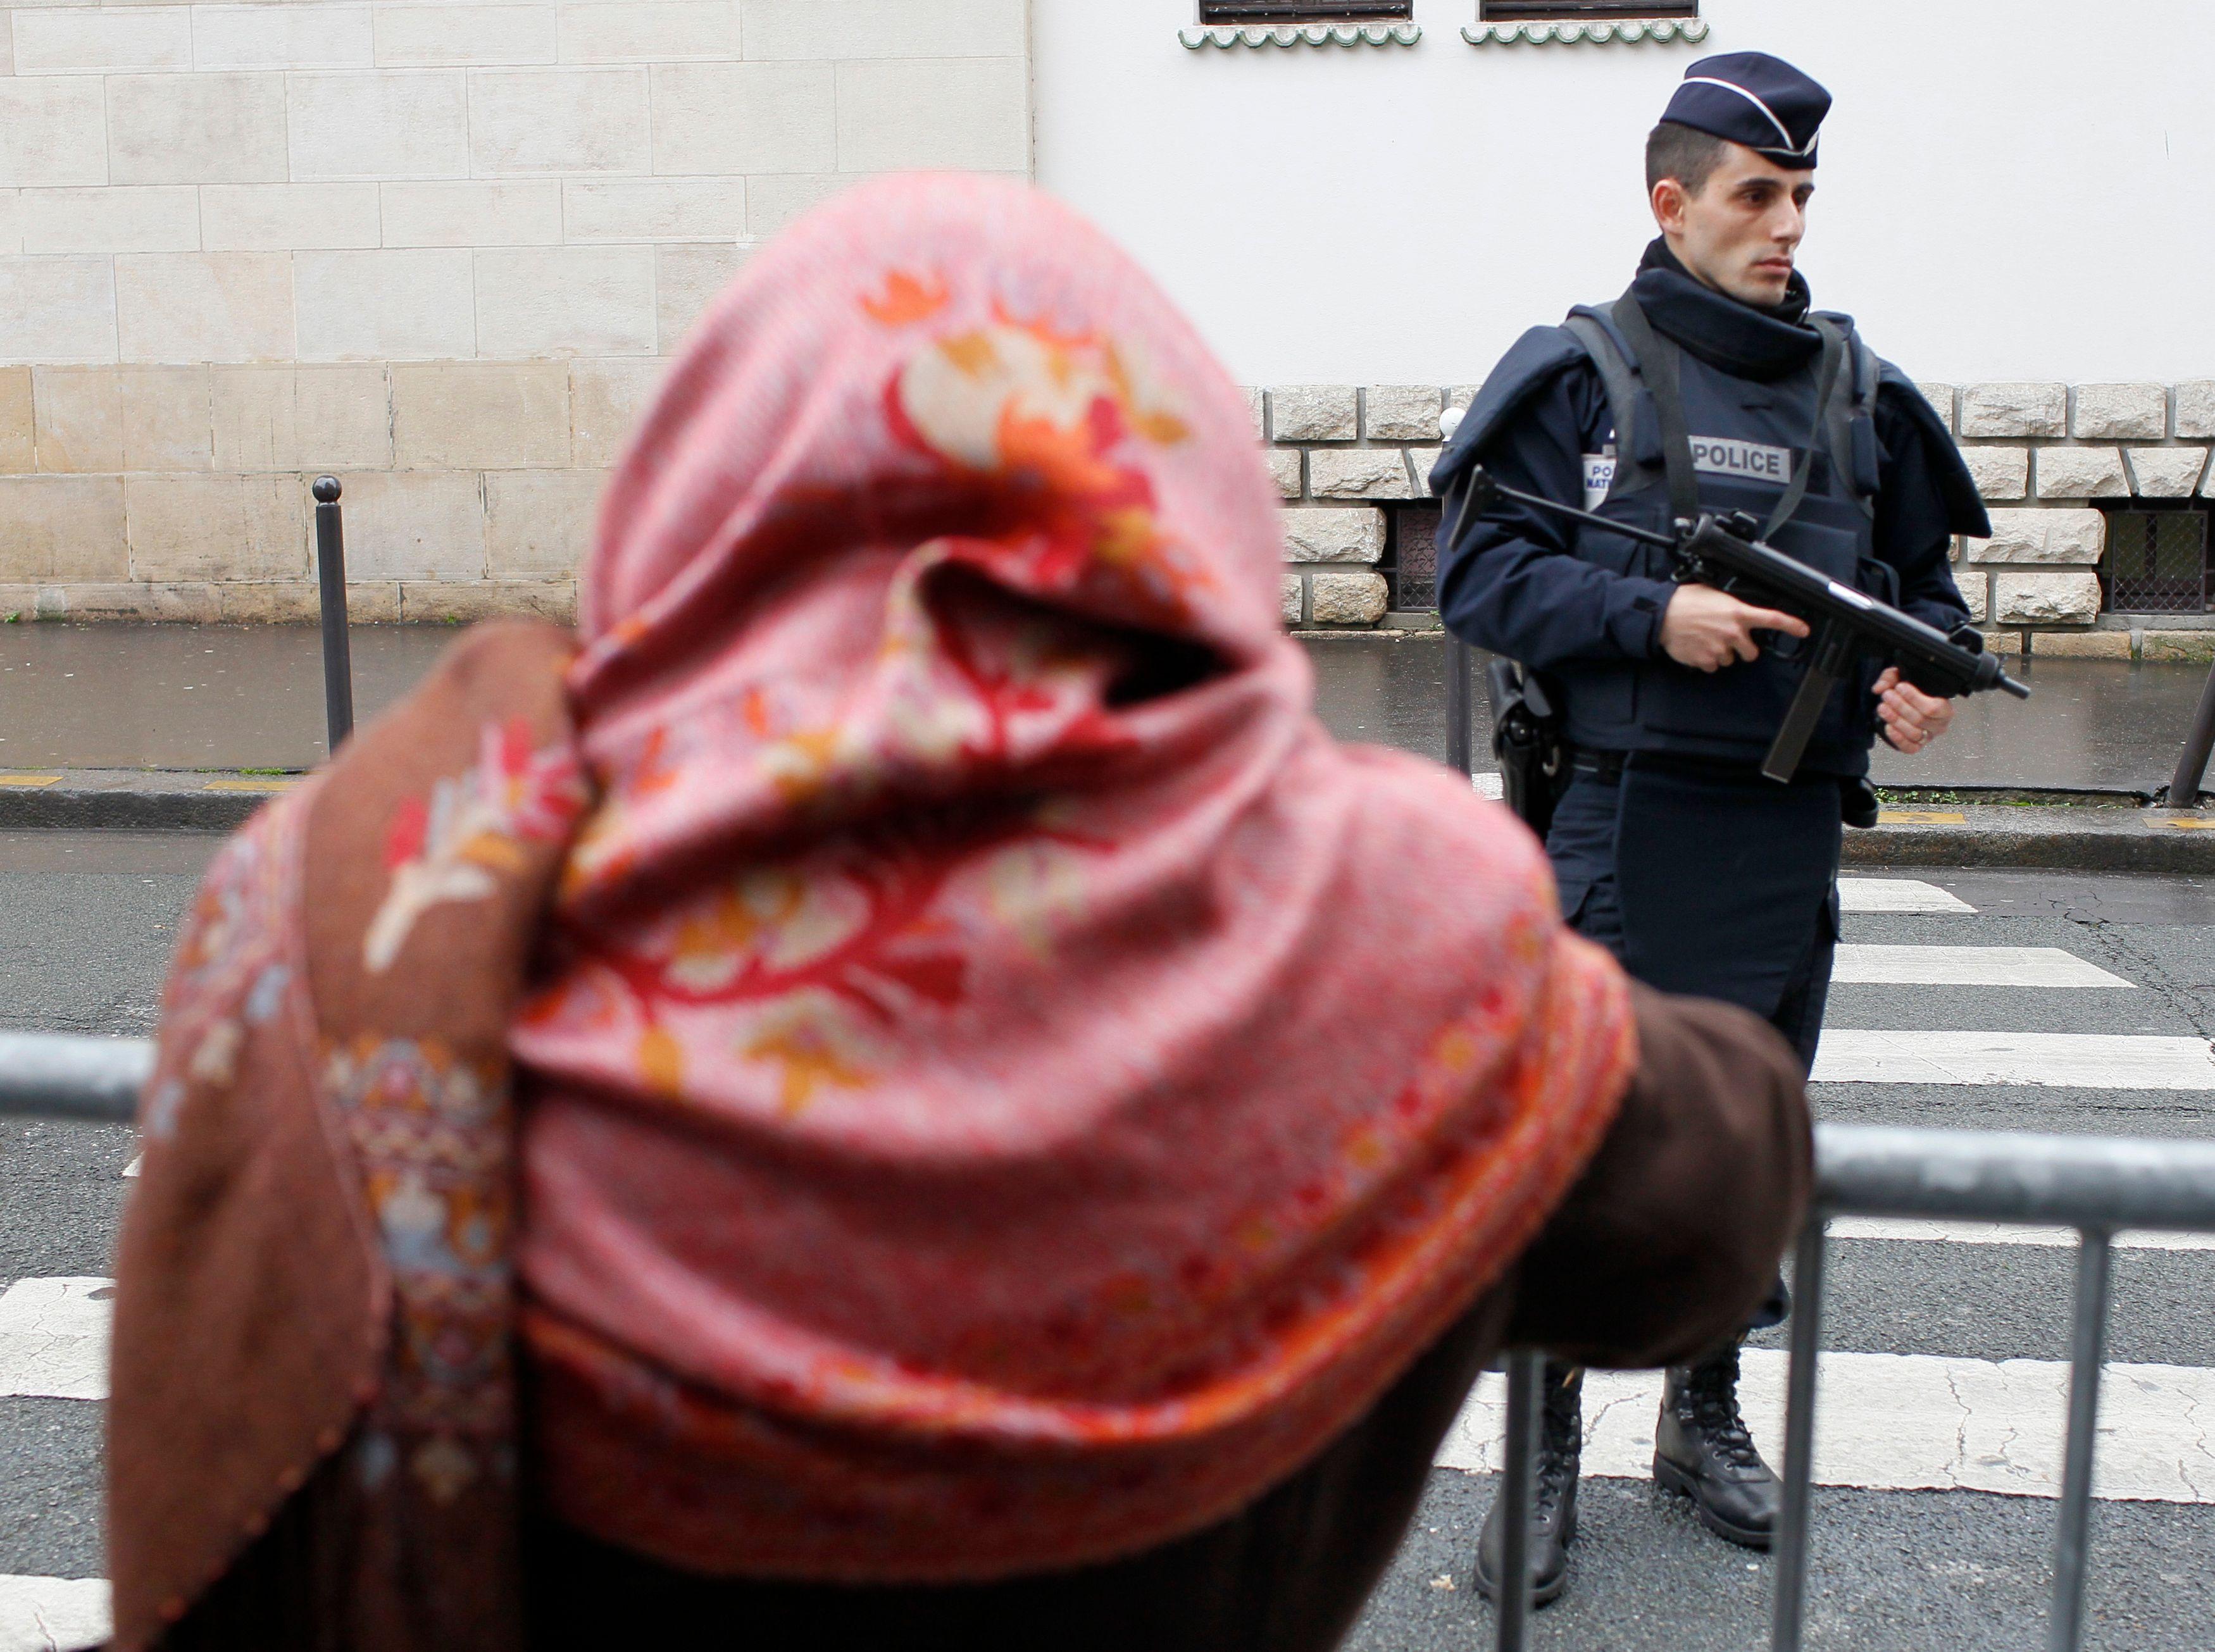 Ce que vivent et ressentent les Français musulmans dans la France des attaques terroristes islamistes en série